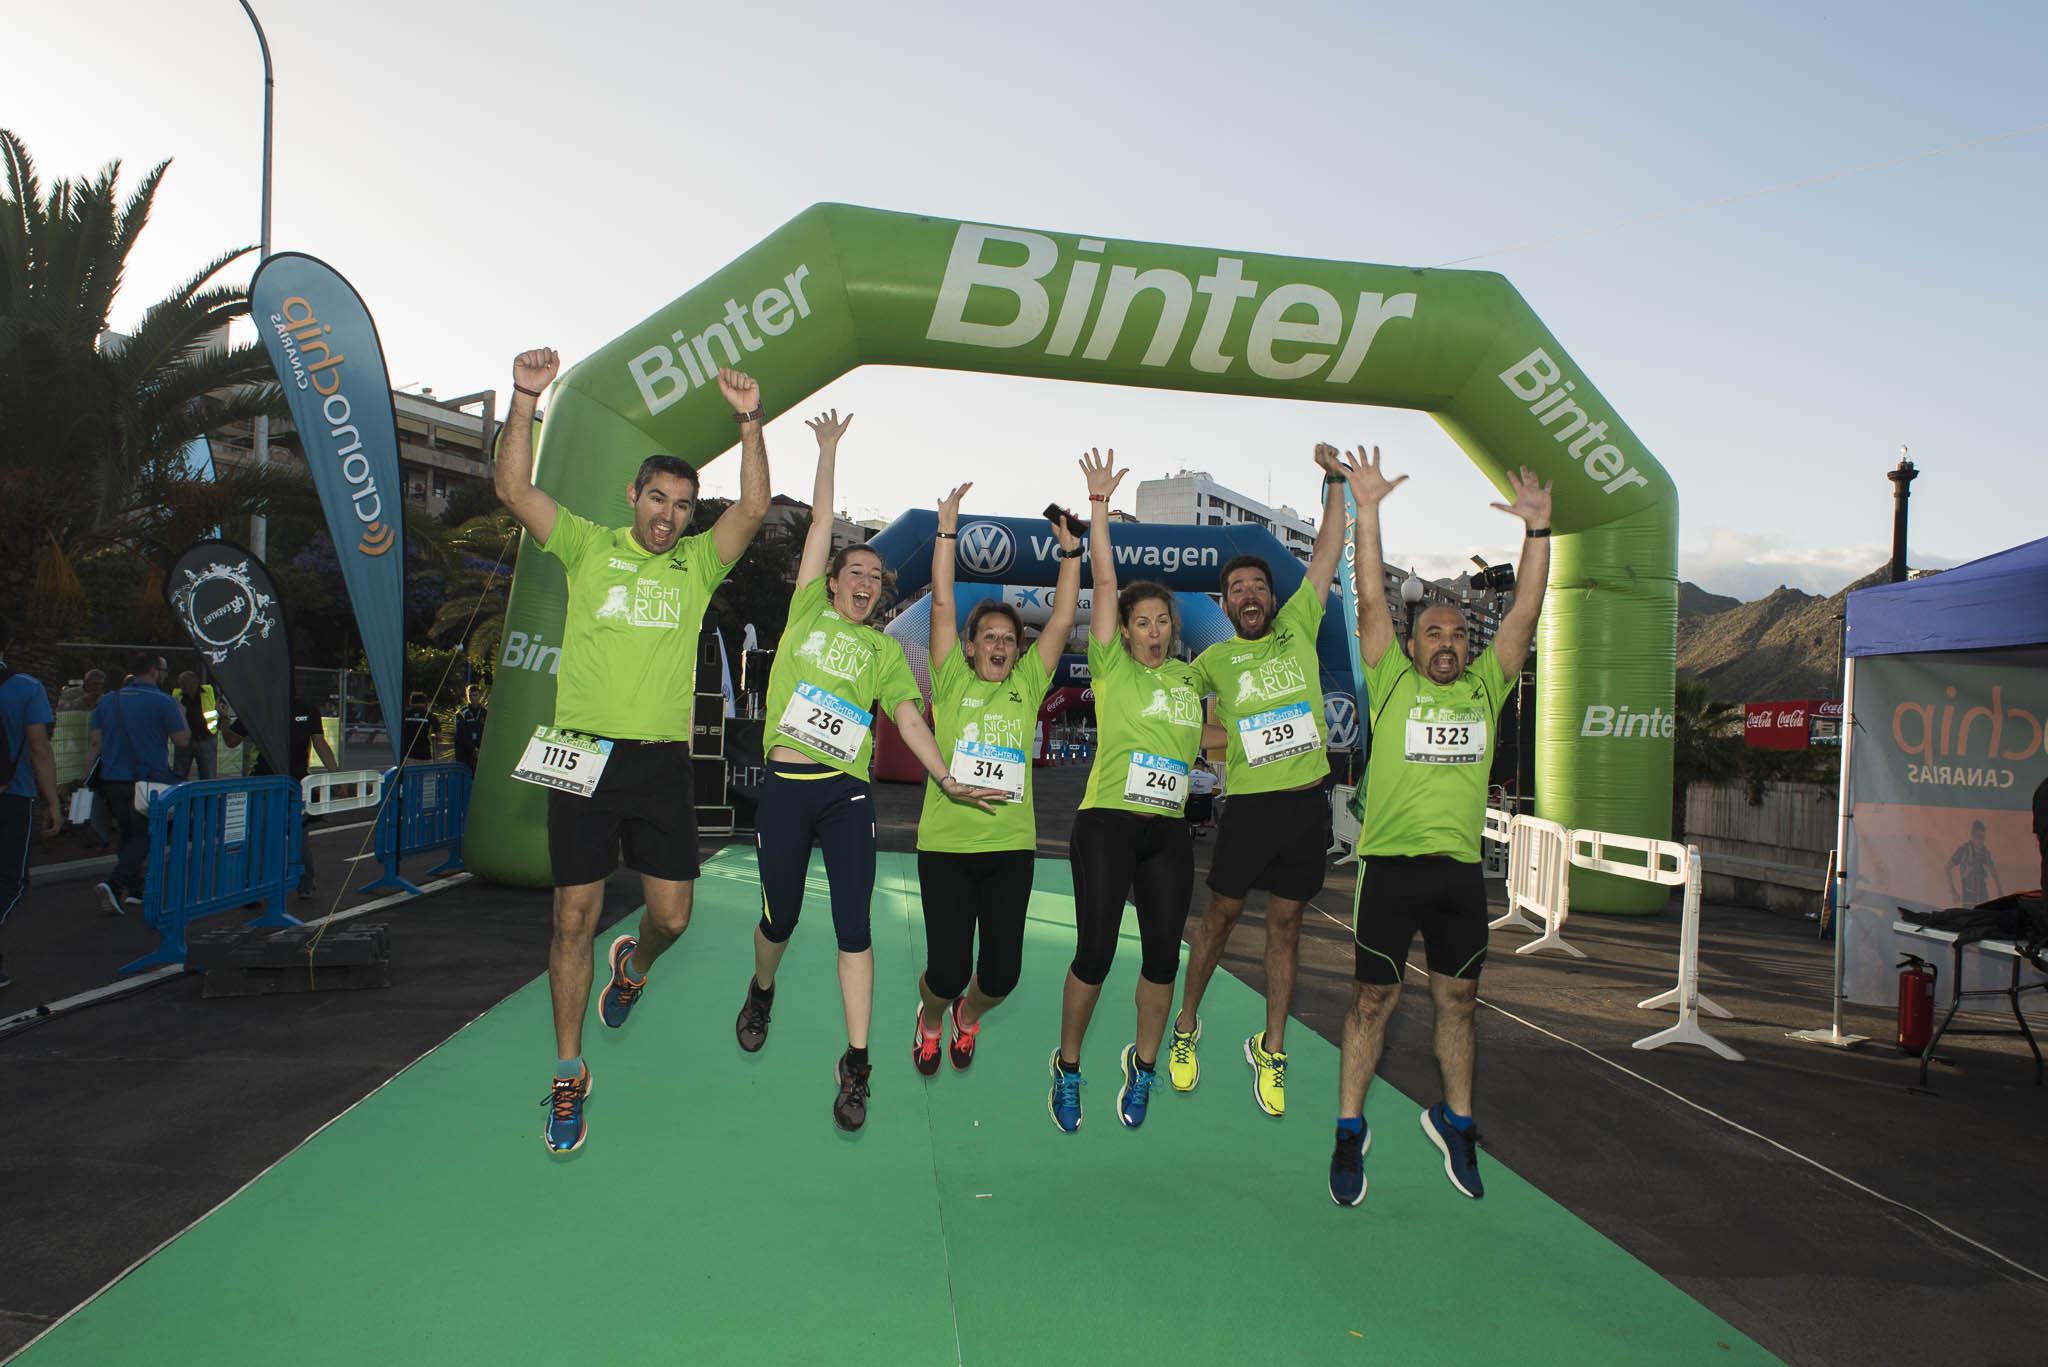 La Binter NightRun de Santa Cruz crea la categoría 'Empresas' para correr en equipo